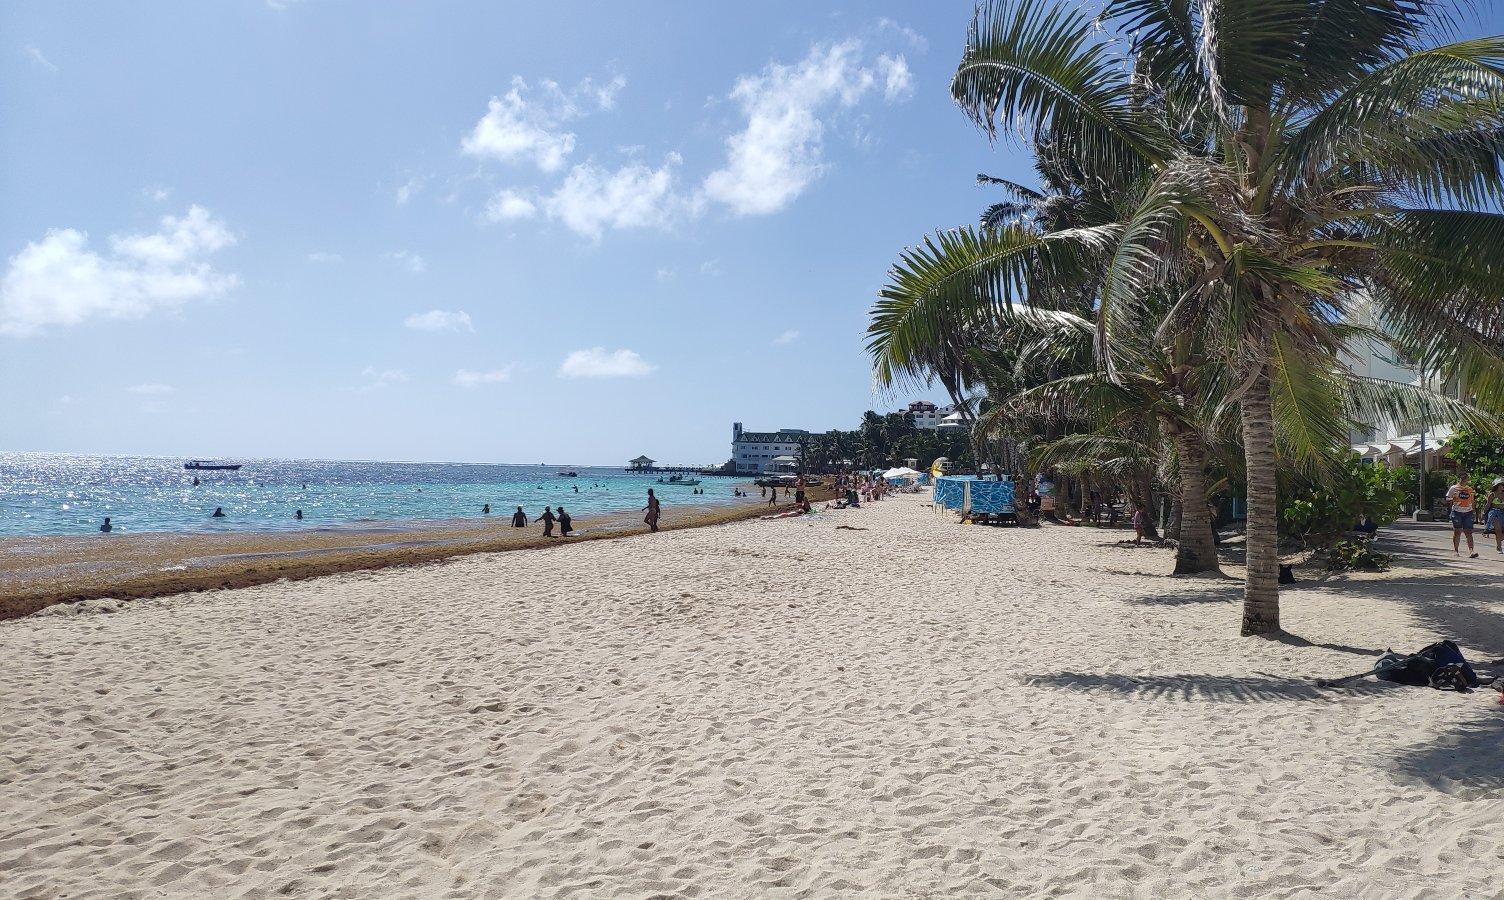 ESPECIAL | El archipiélago de San Andrés quiere reinventar su turismo